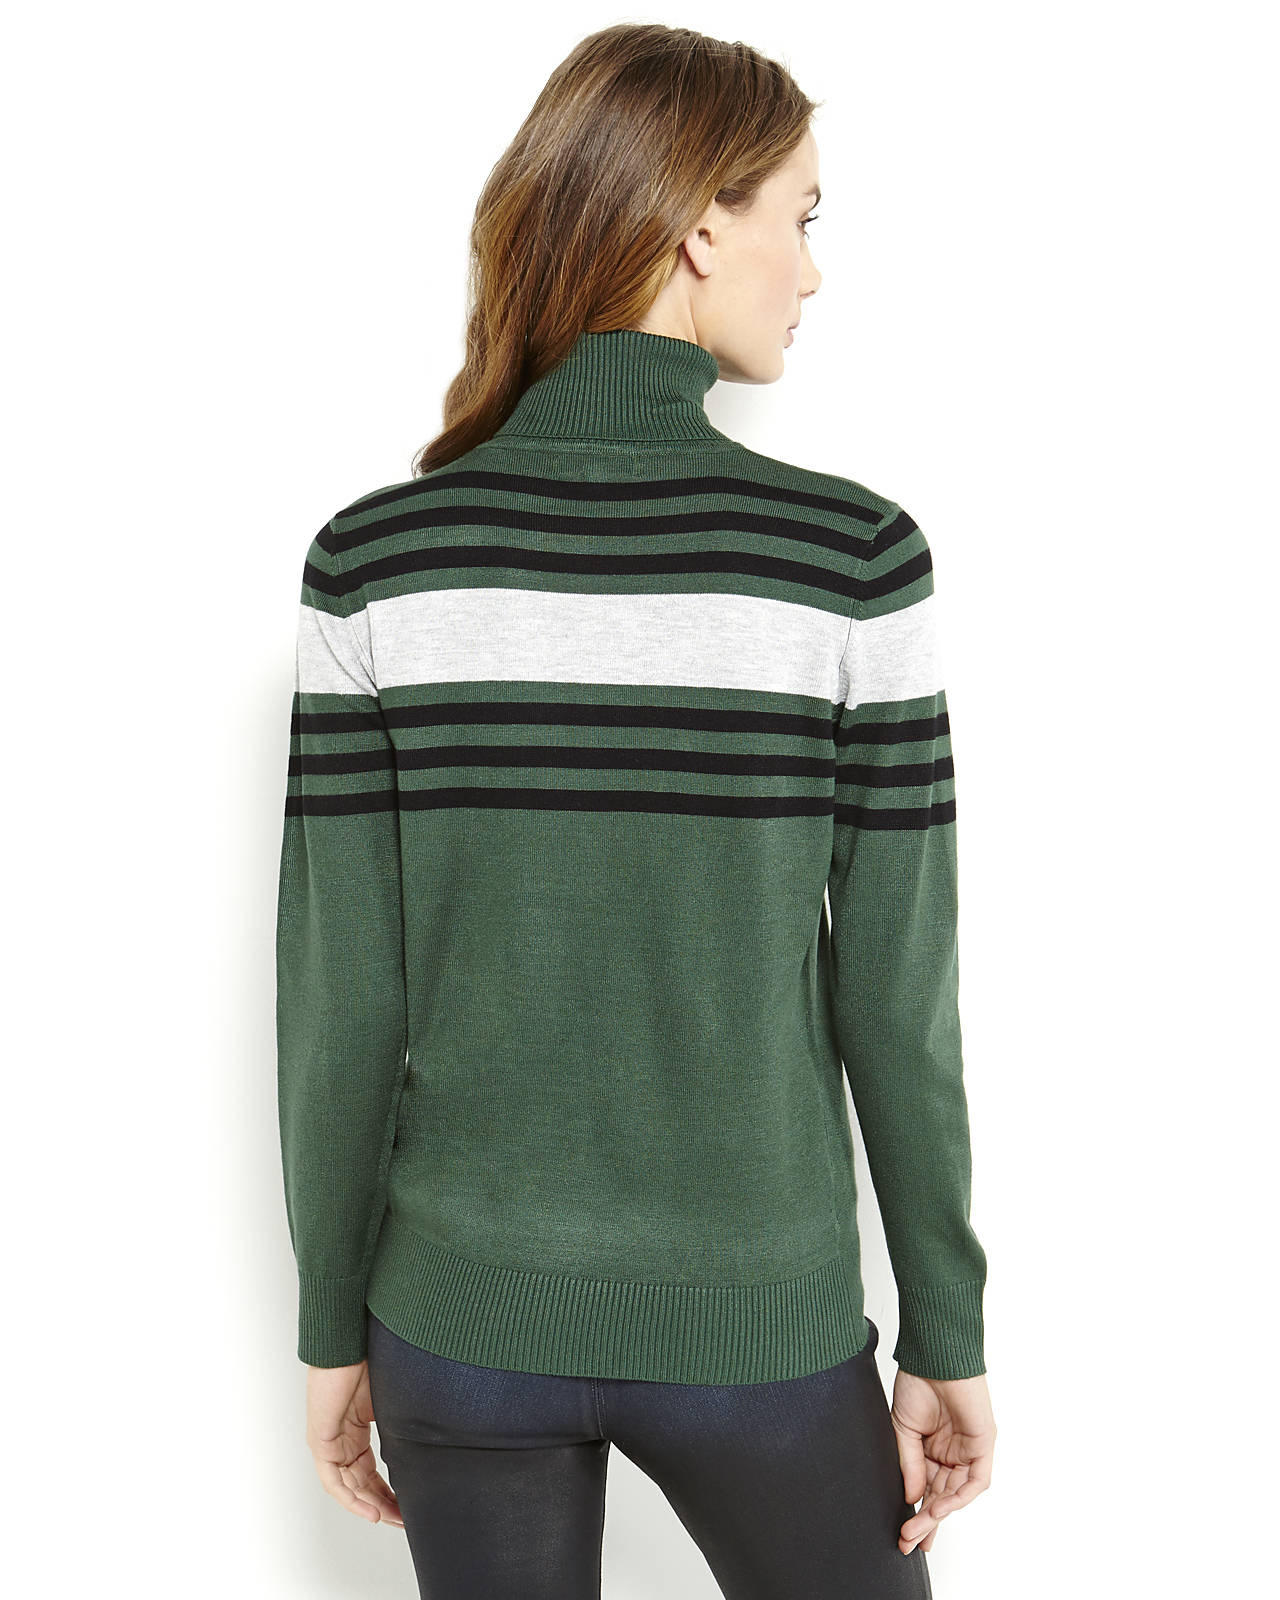 Joseph a Contrast Stripe Knit Turtleneck Sweater in Green | Lyst